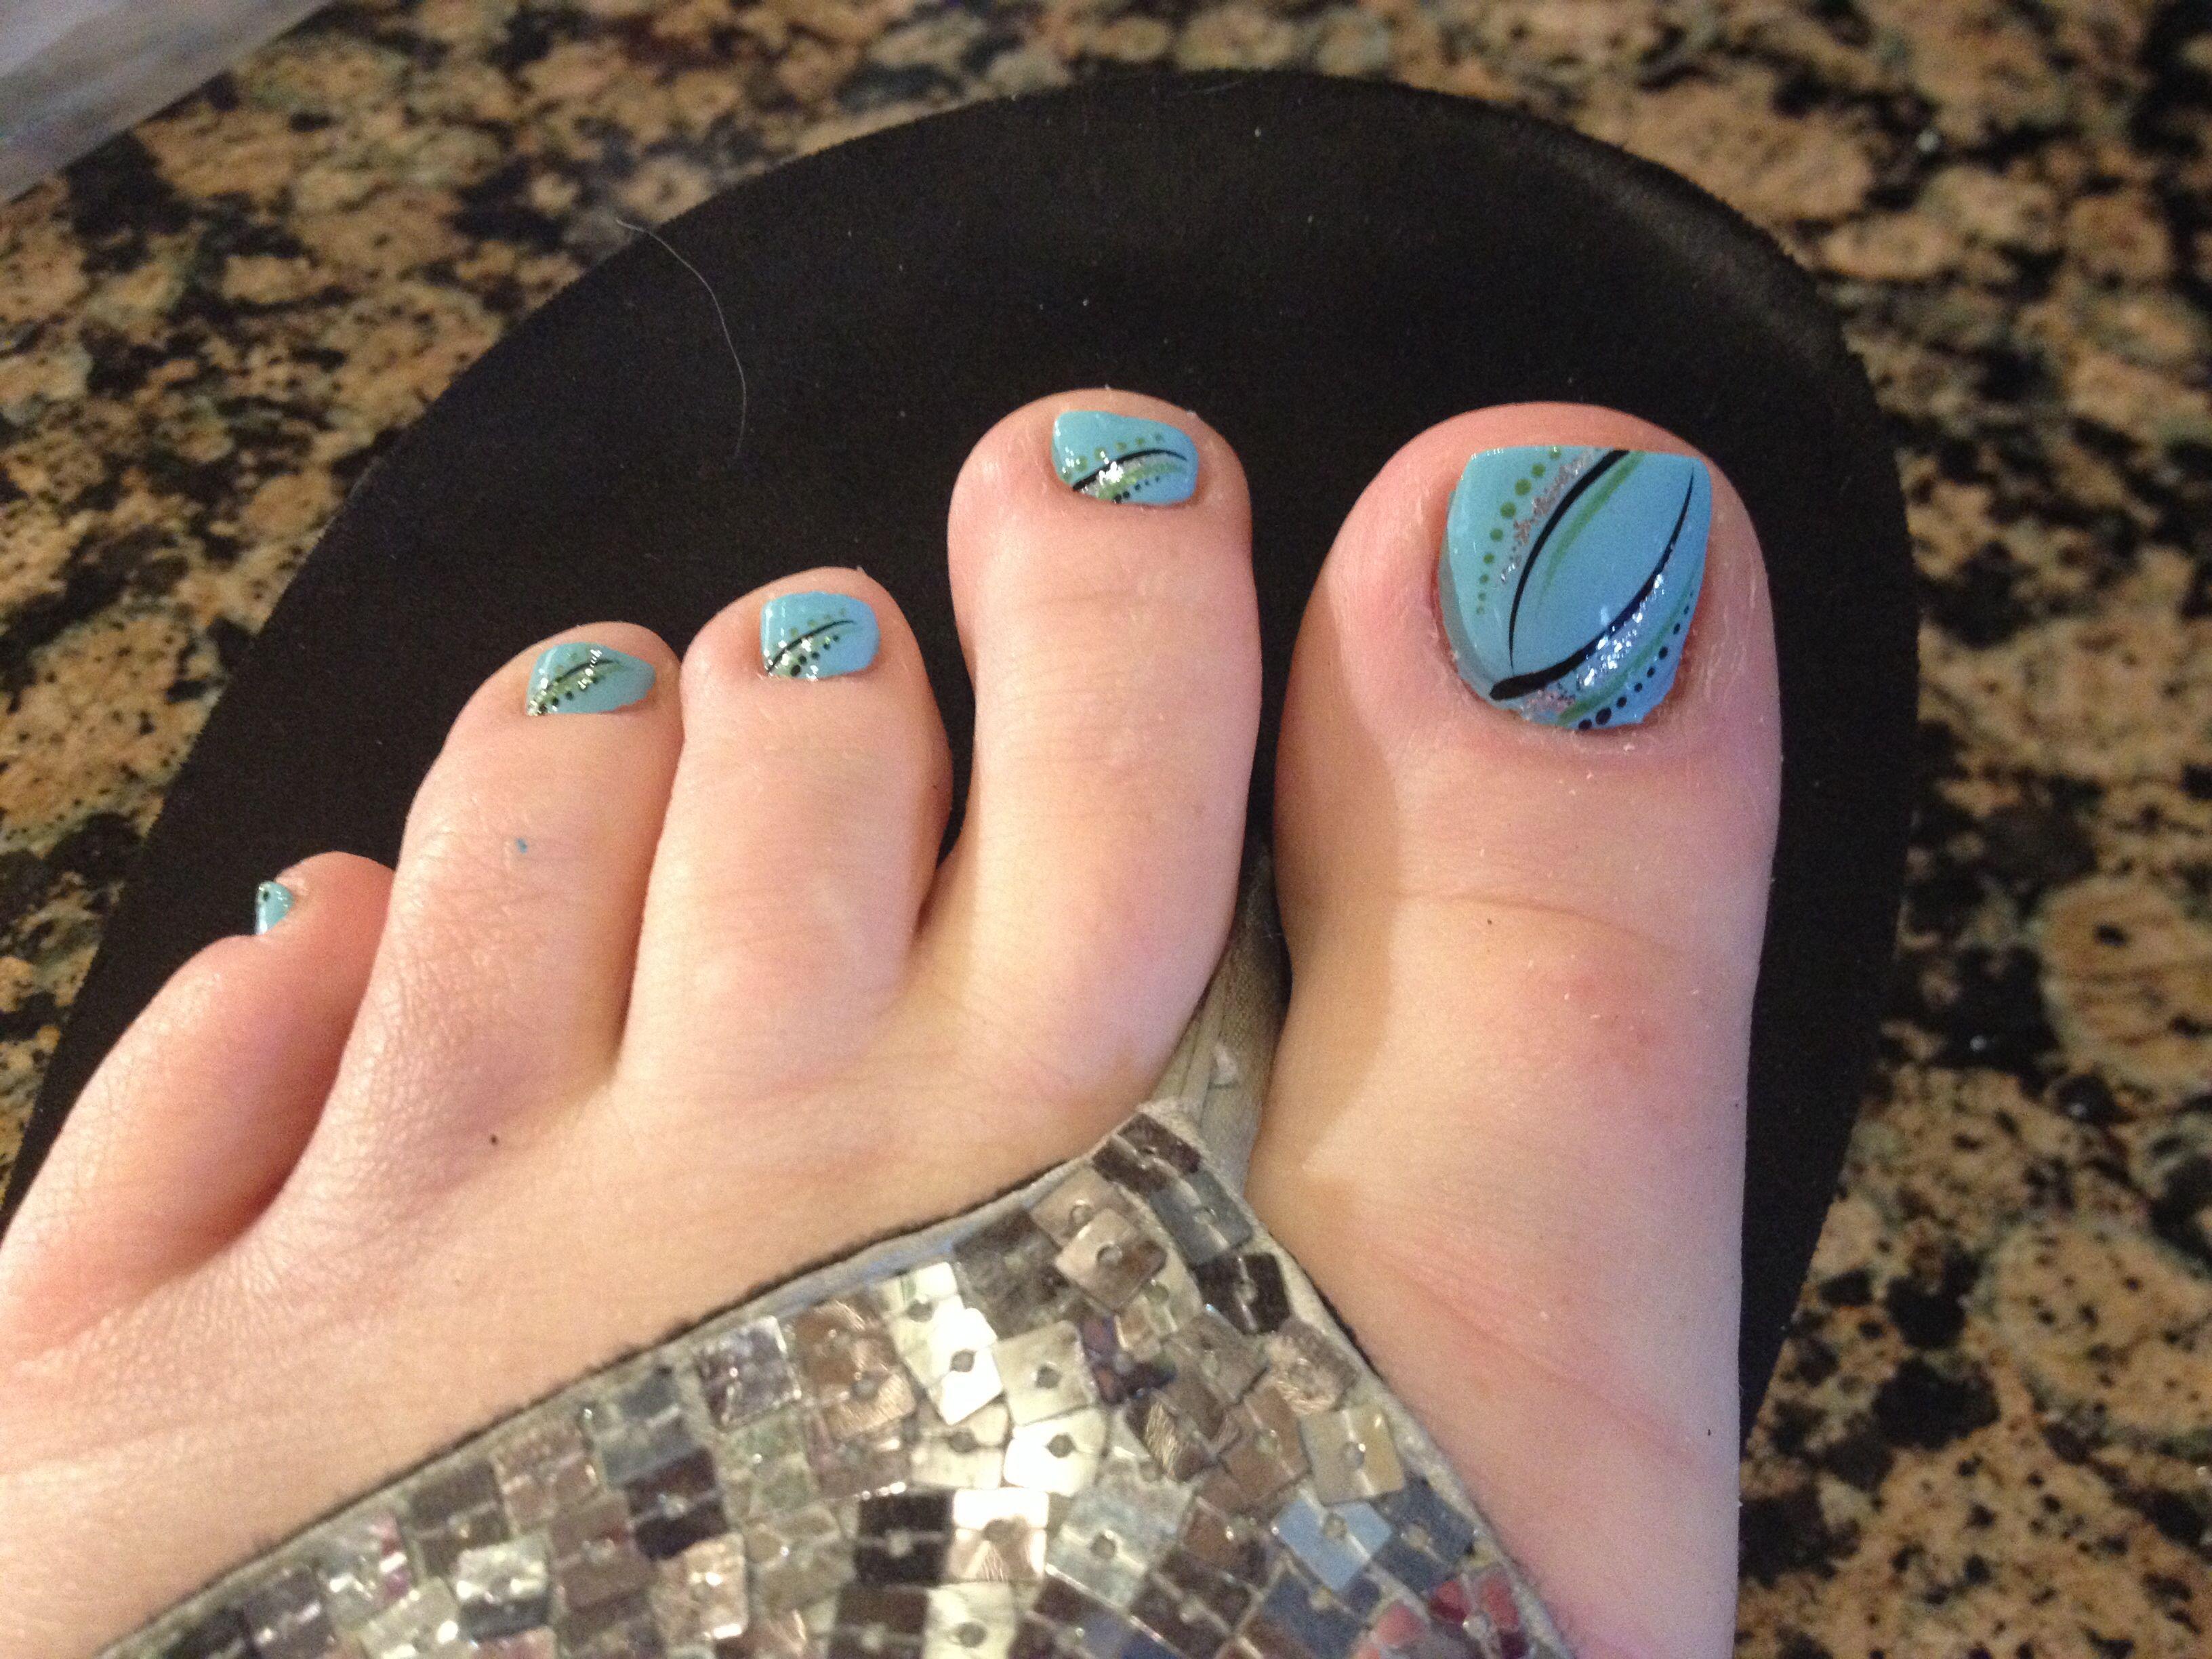 Toe nails by Lisa at Gala Nails in Midland, Tx | Nails | Pinterest